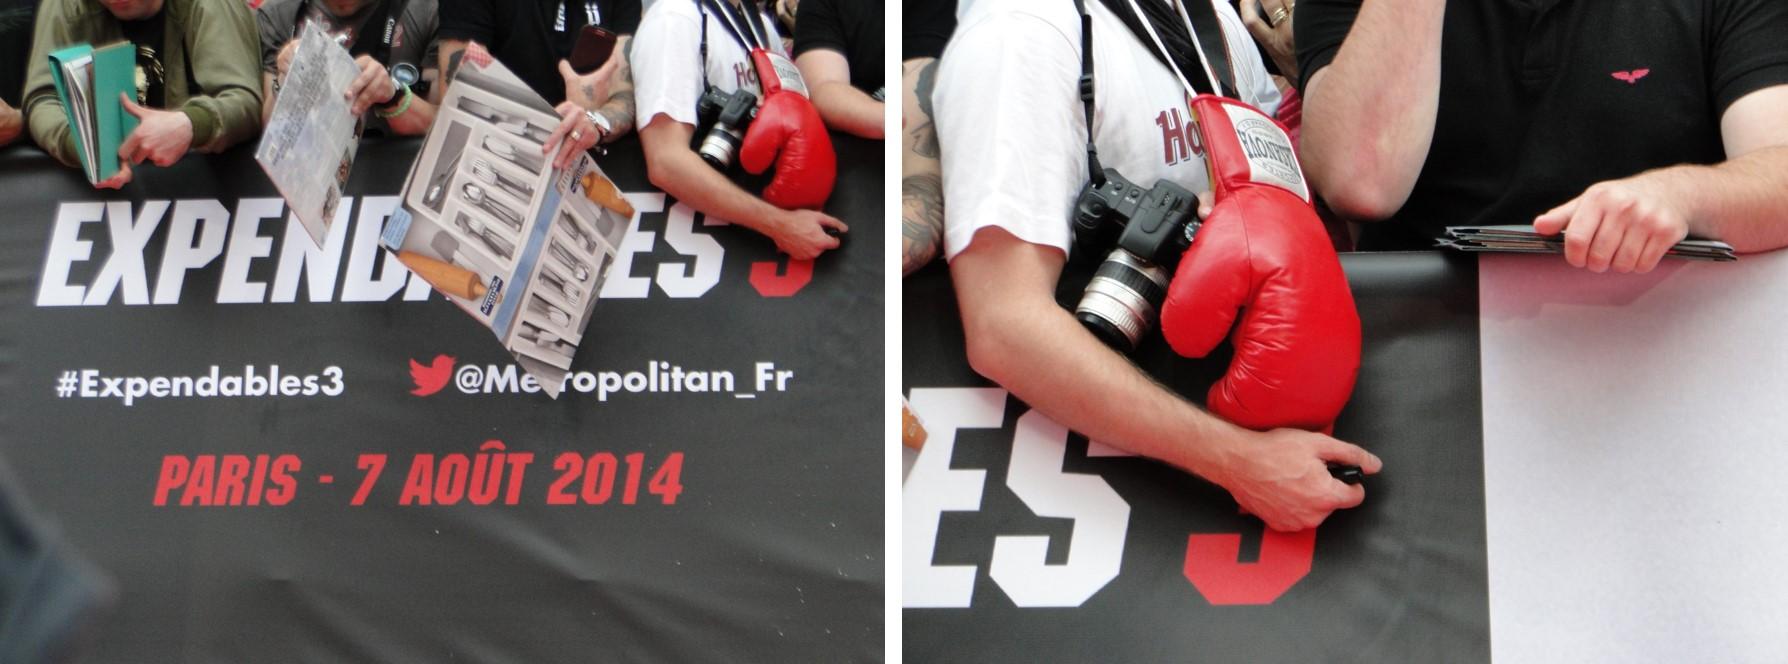 EXPENDABLES 3 - Avant-première Paris Aout 2014 4 - Go with the Blog